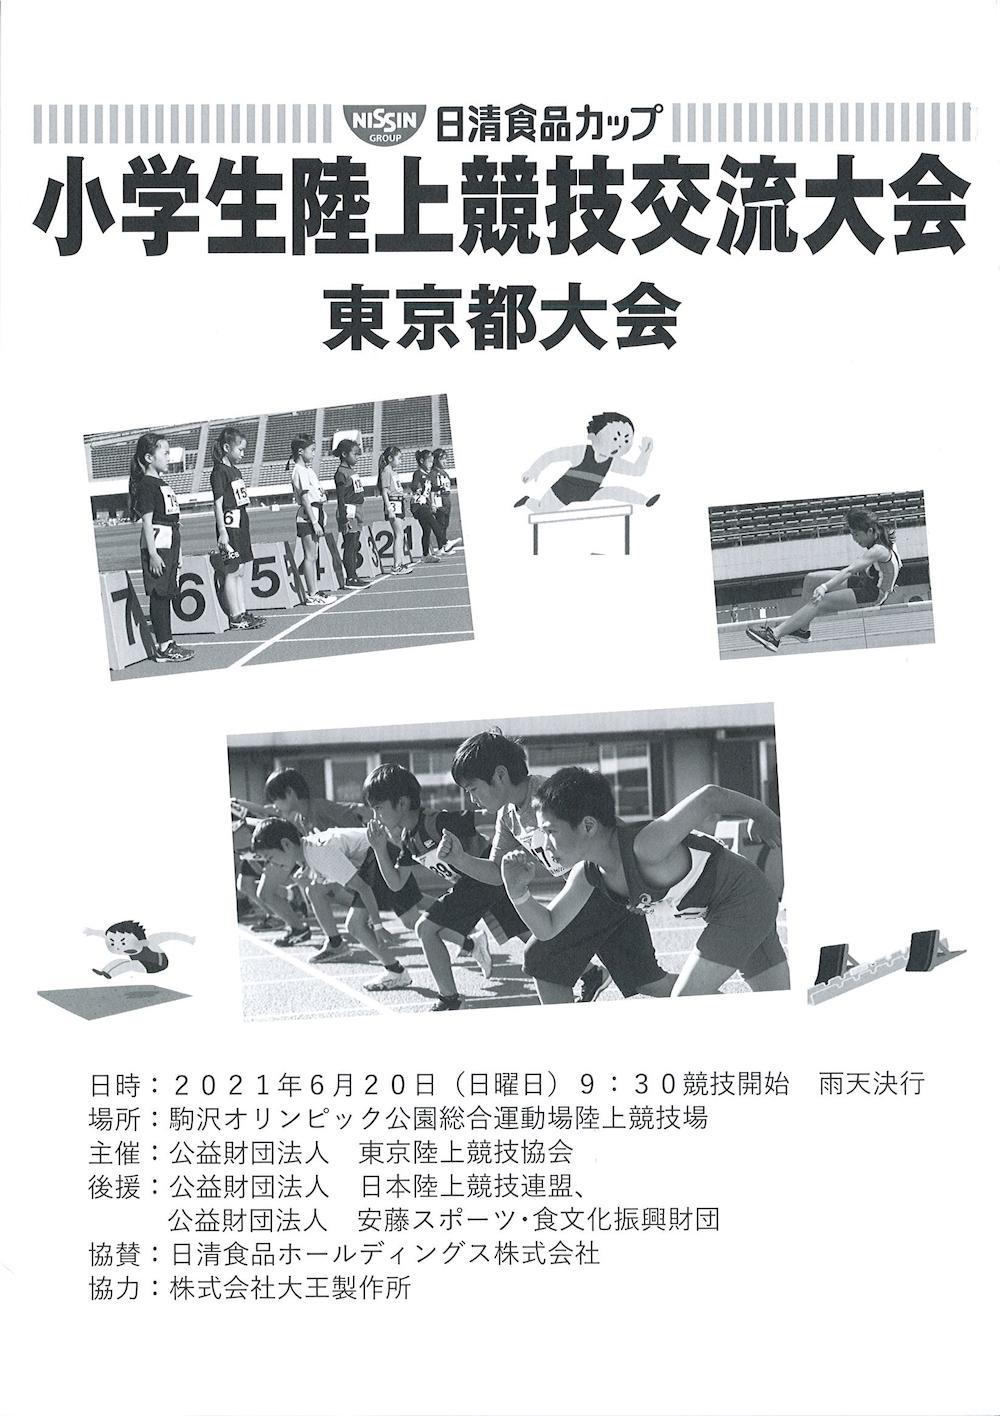 日清食品杯第37屆全國中小學生錦標賽